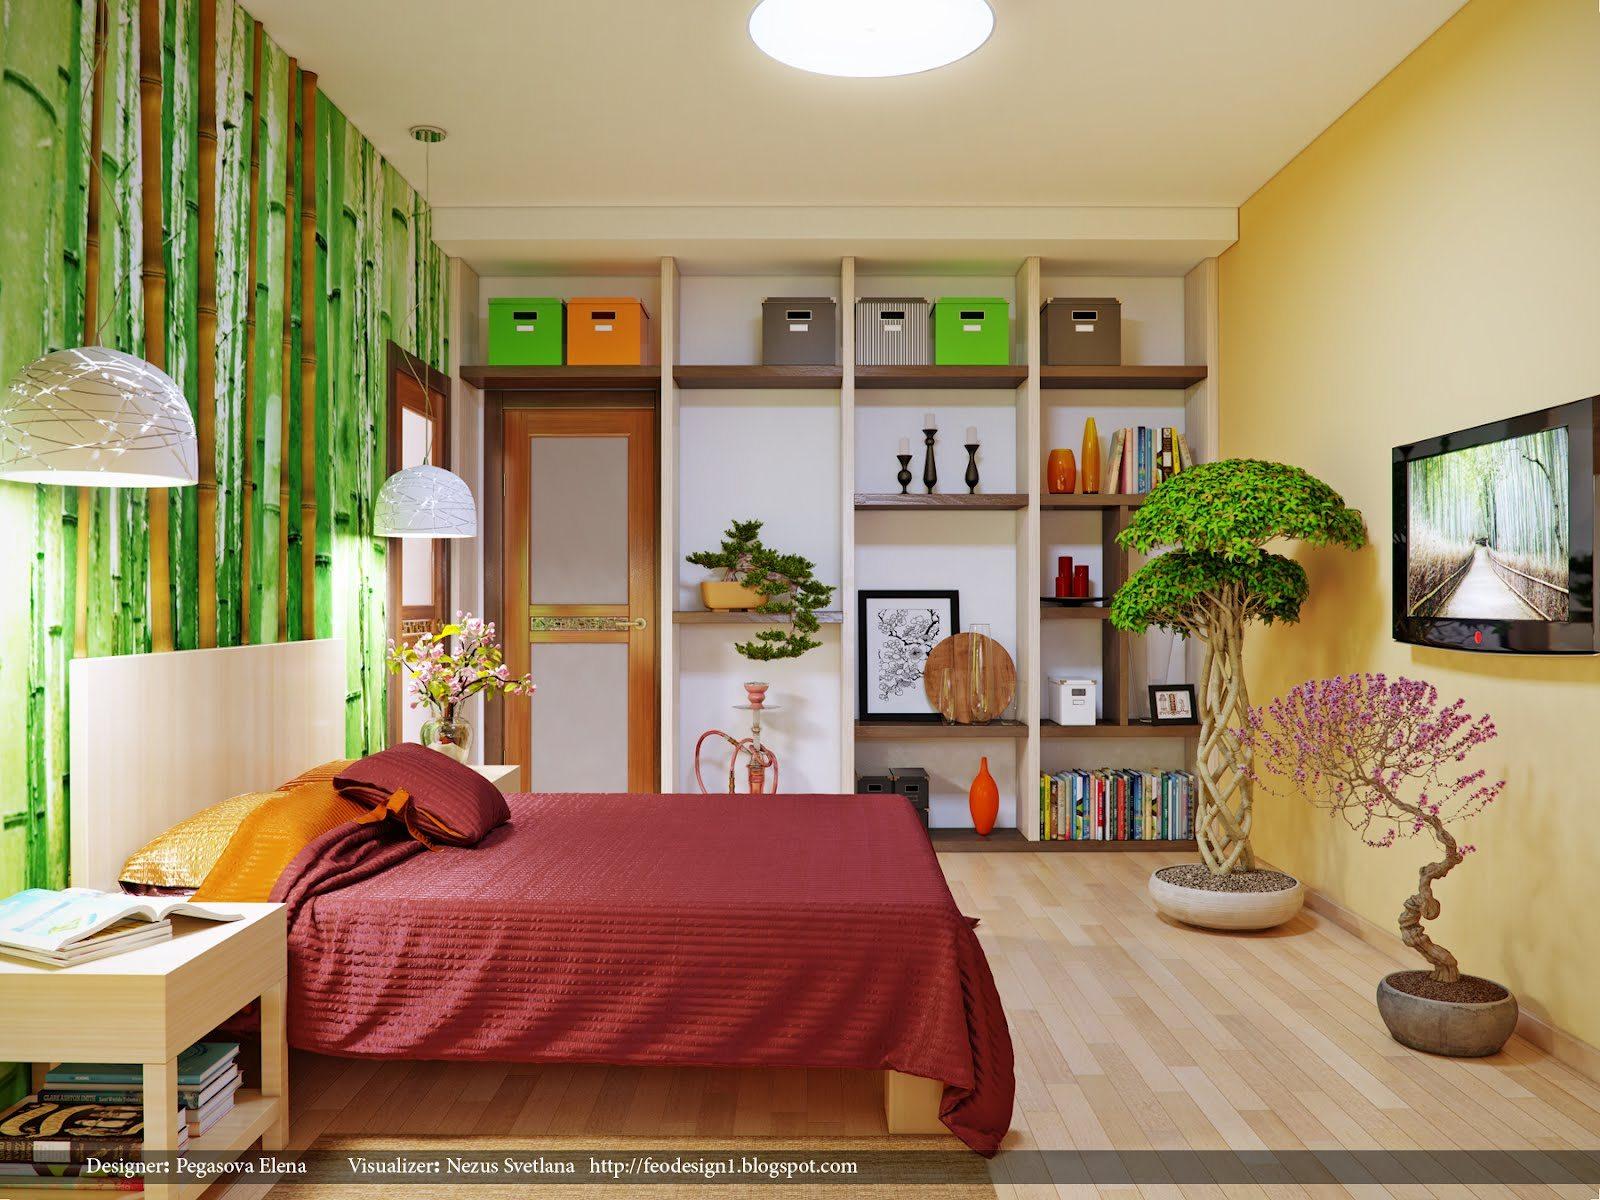 En Sevimli Ev Tasarım Projeleri